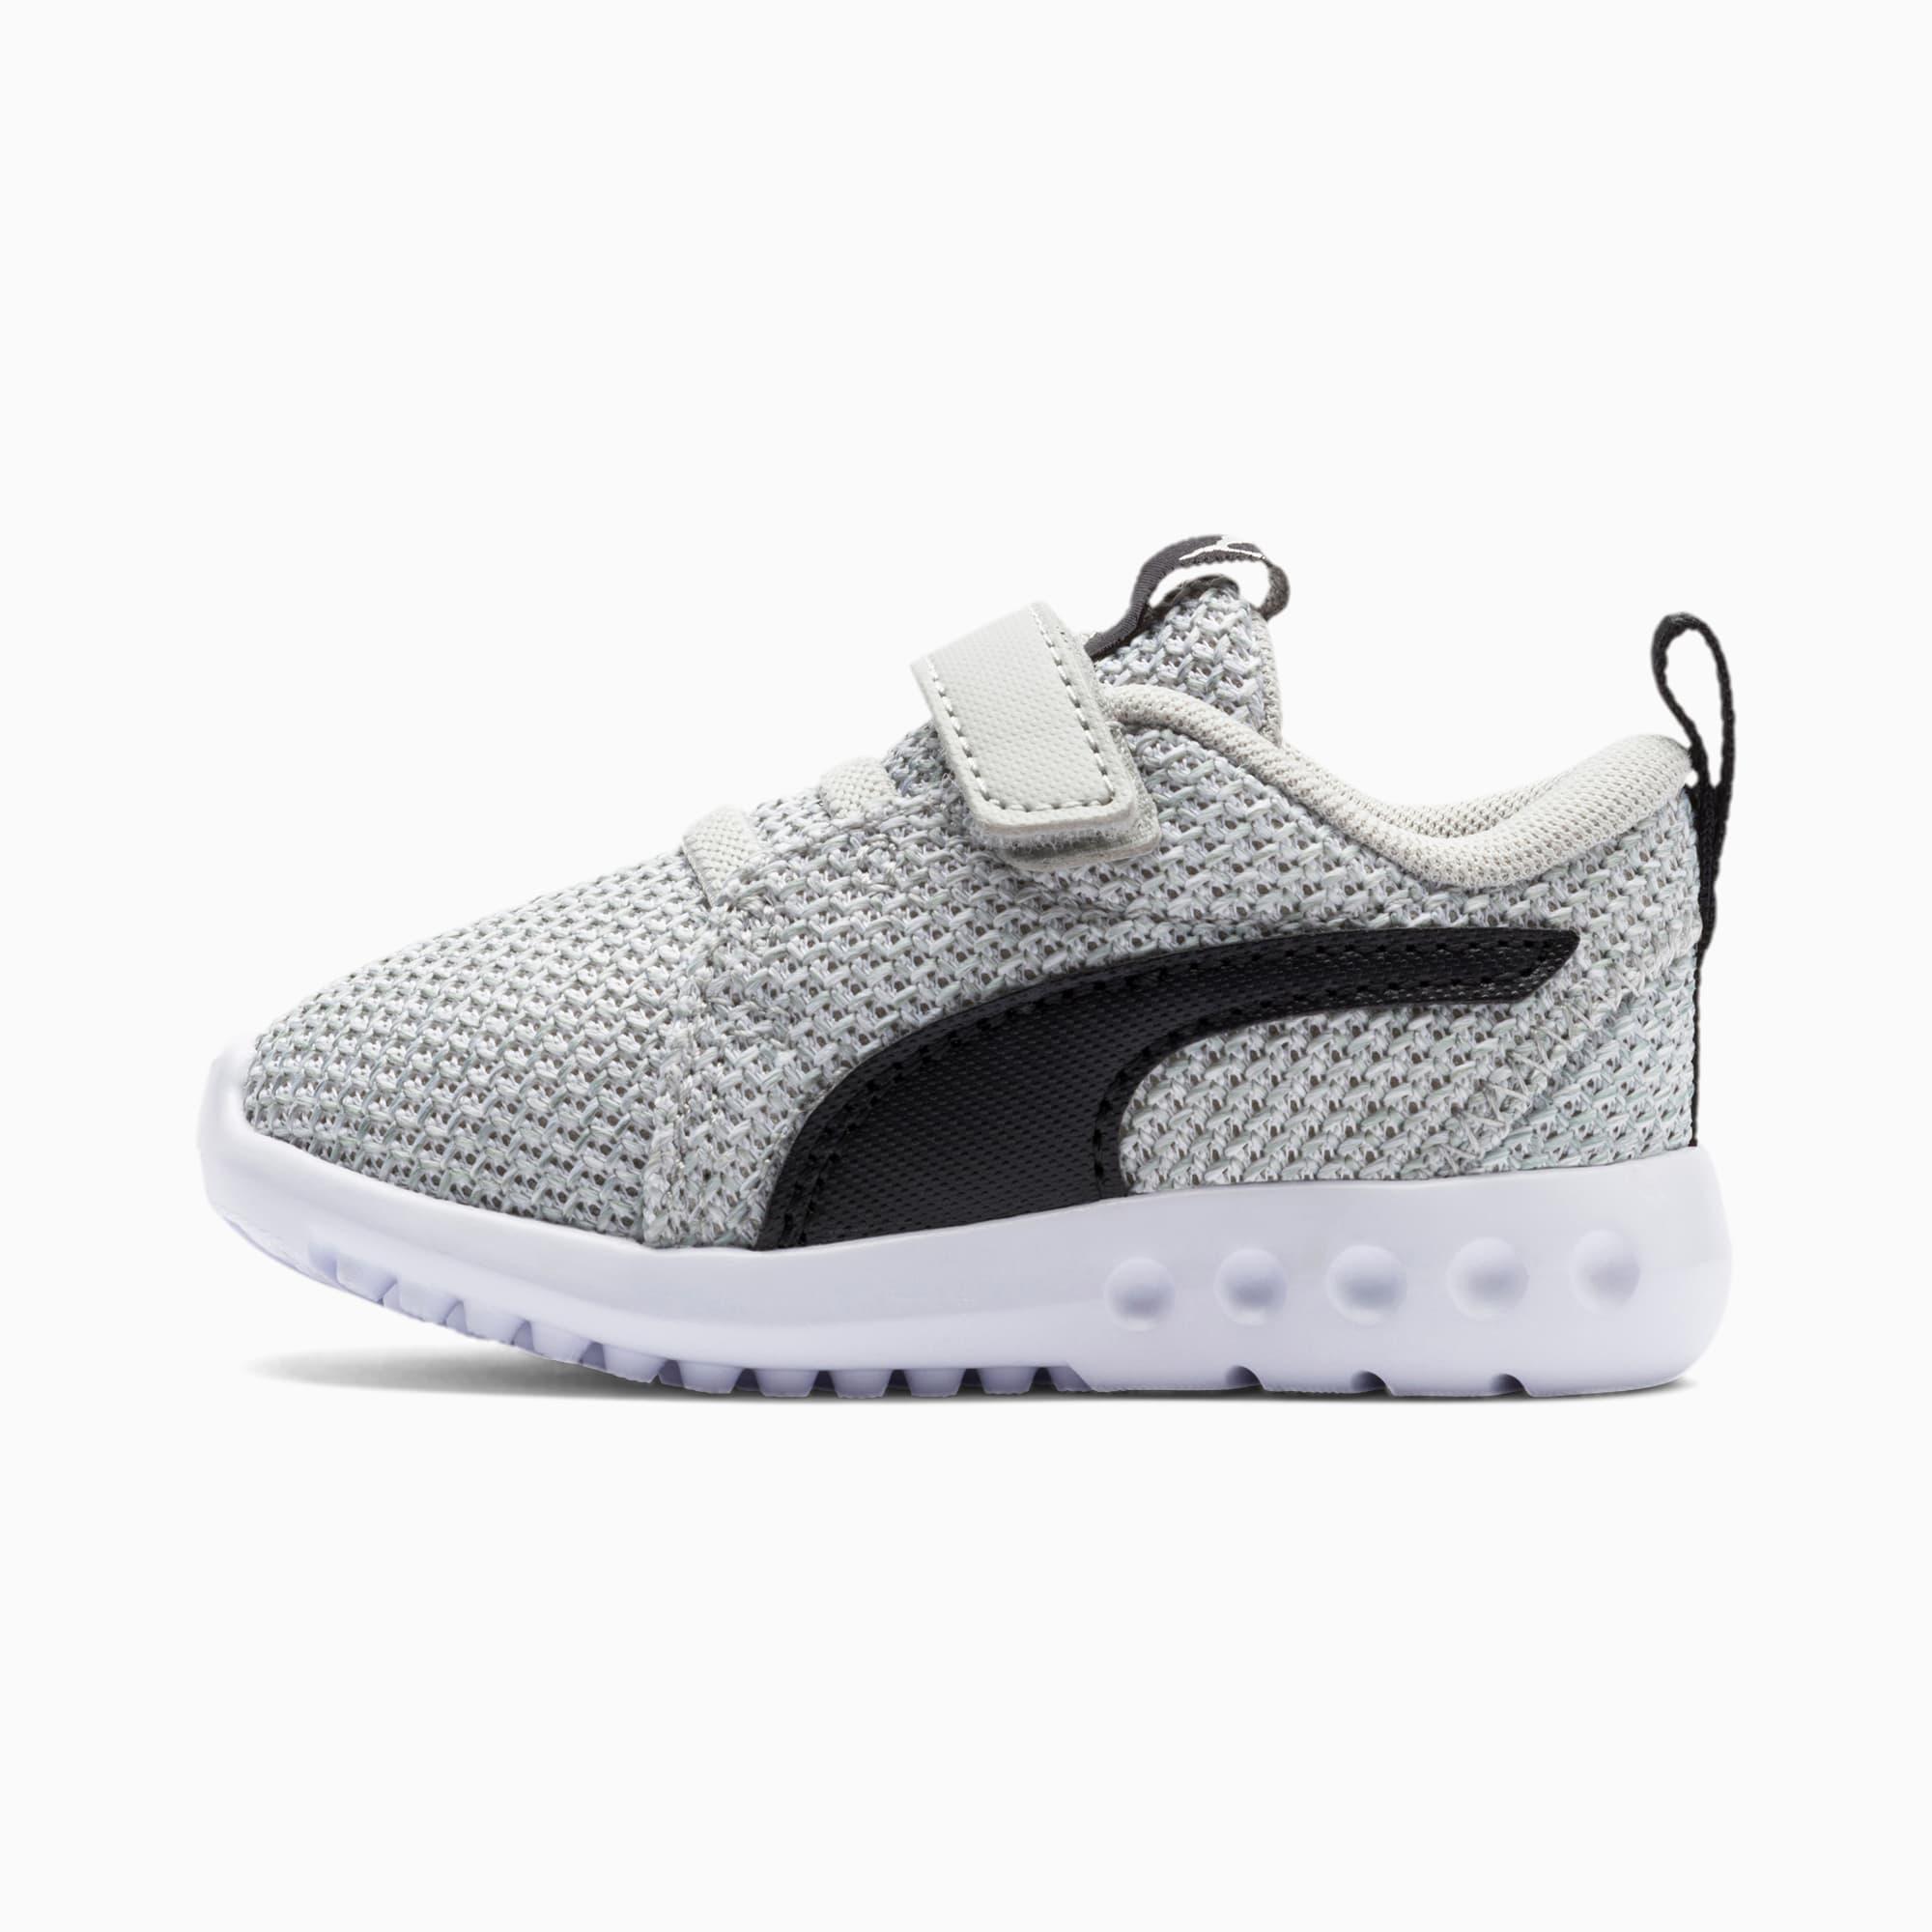 chaussure basket carson 2 bold knit pour bébé, gris/noir, taille 22, chaussures